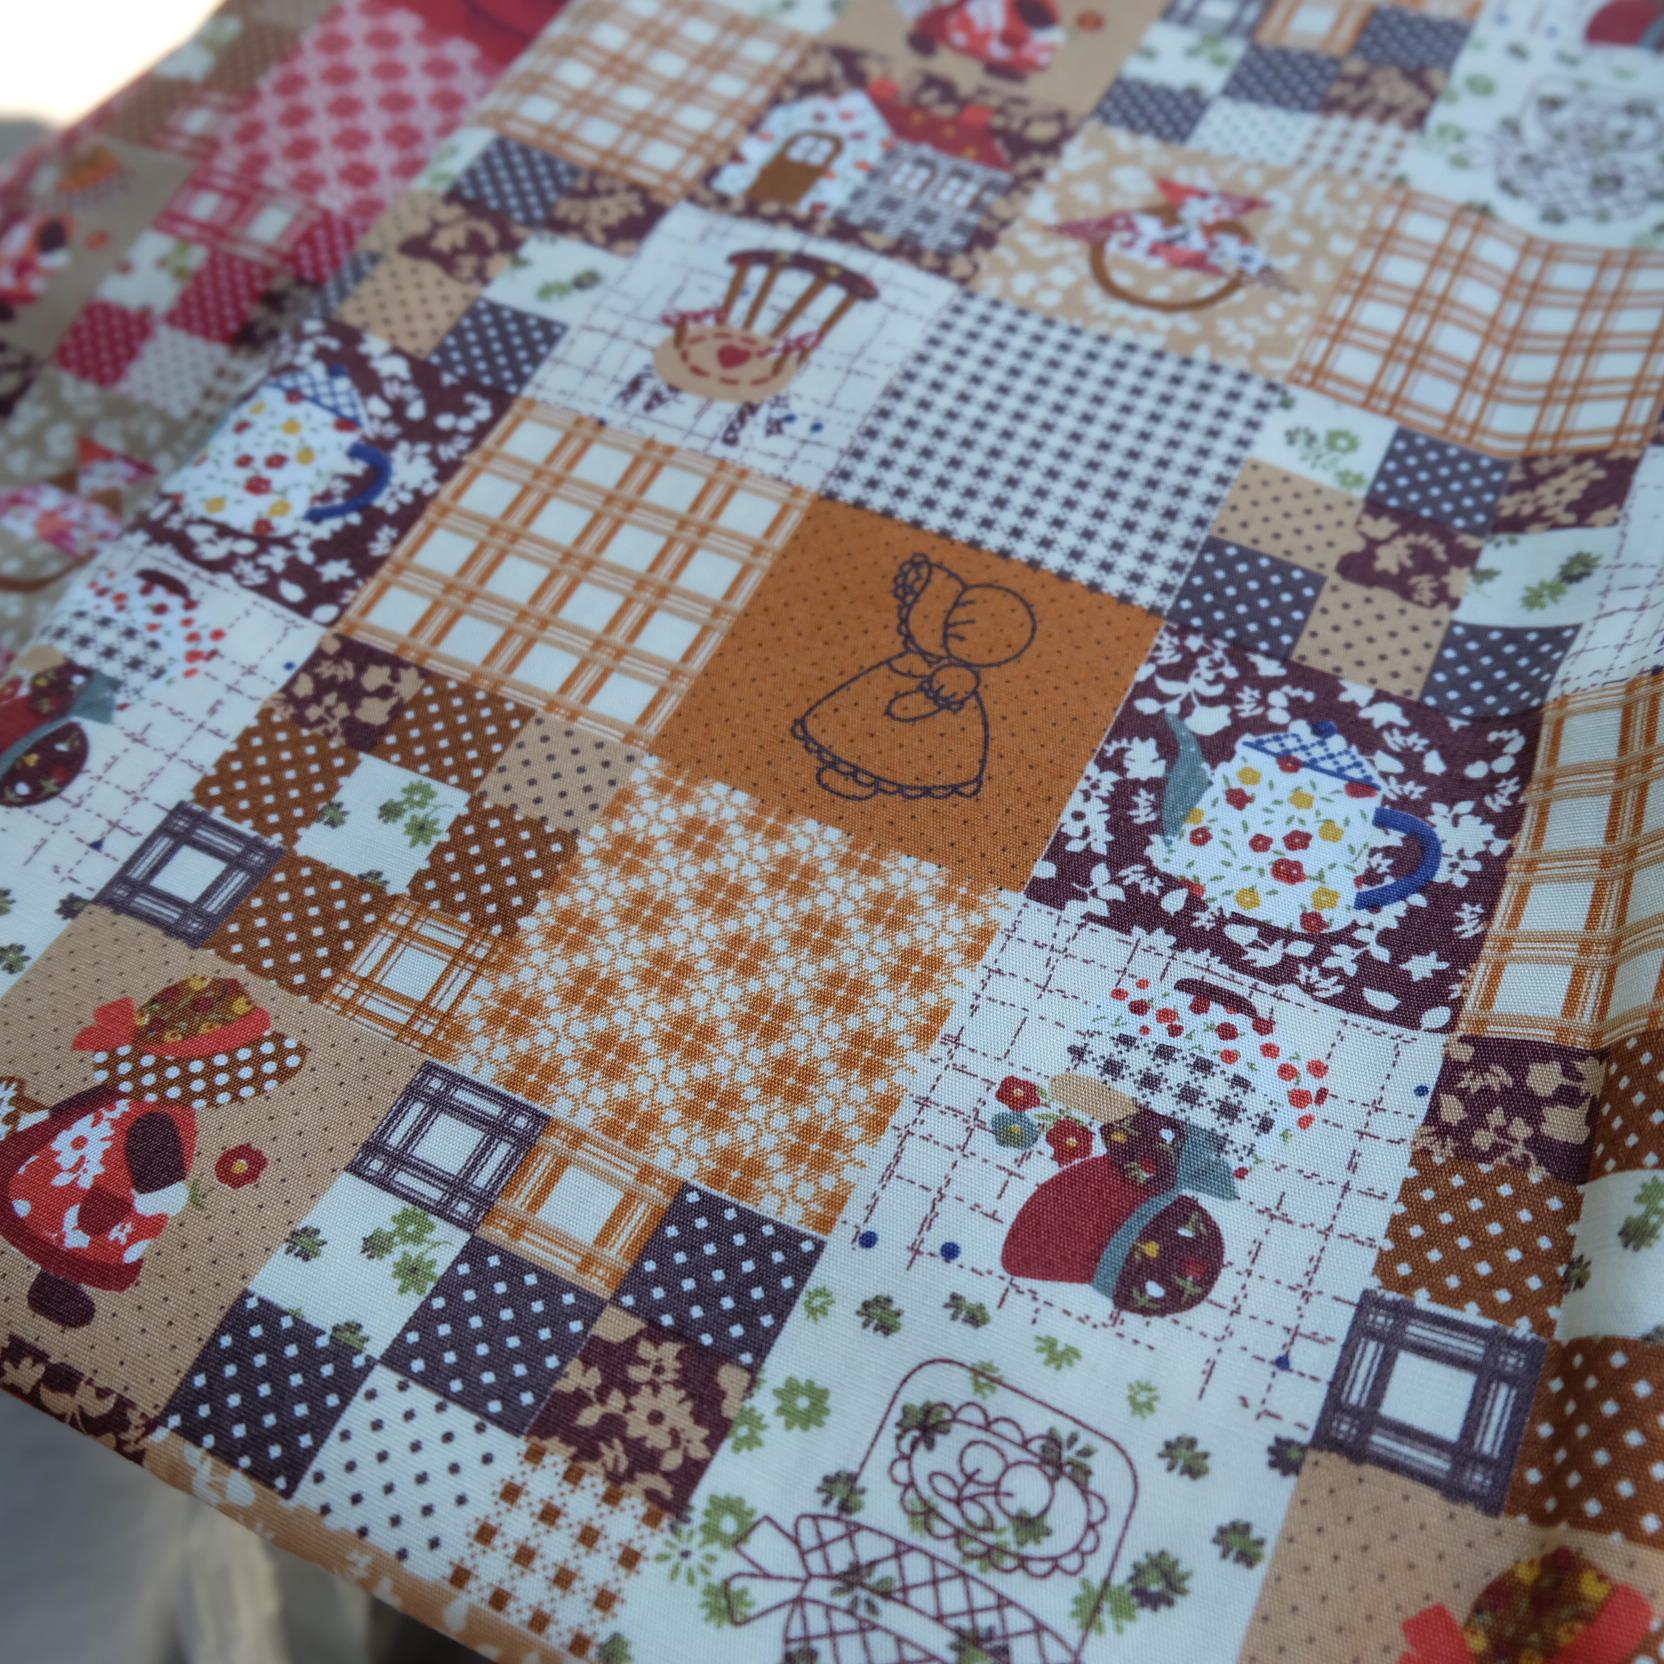 ผ้าคอตตอนไทย 100% 1/4 ม.(50x55ซม.) ลายต่อผ้าน้องซูโทนสีน้ำตาล